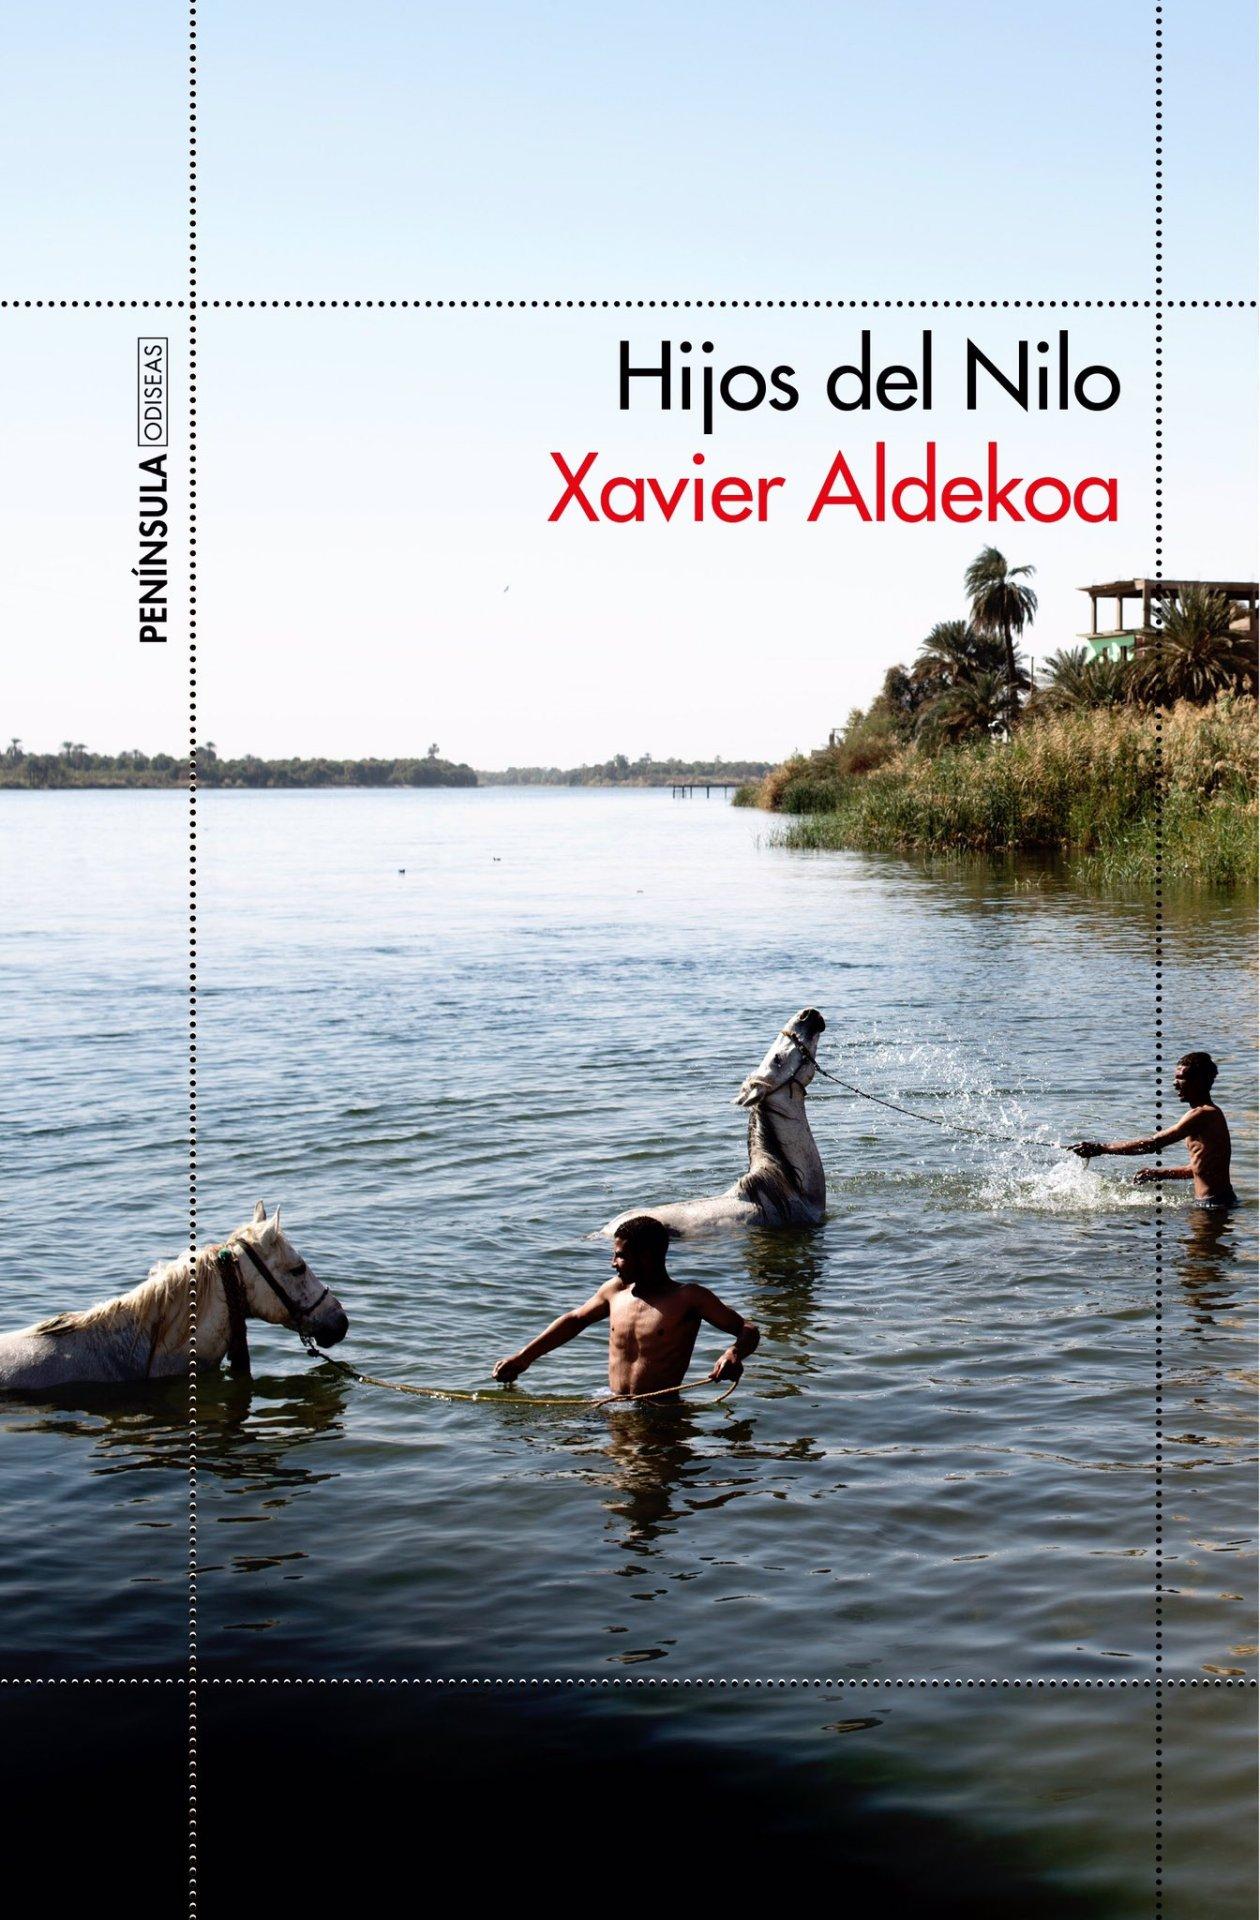 Libro Hijos del Nilo Xavier Aldekoa